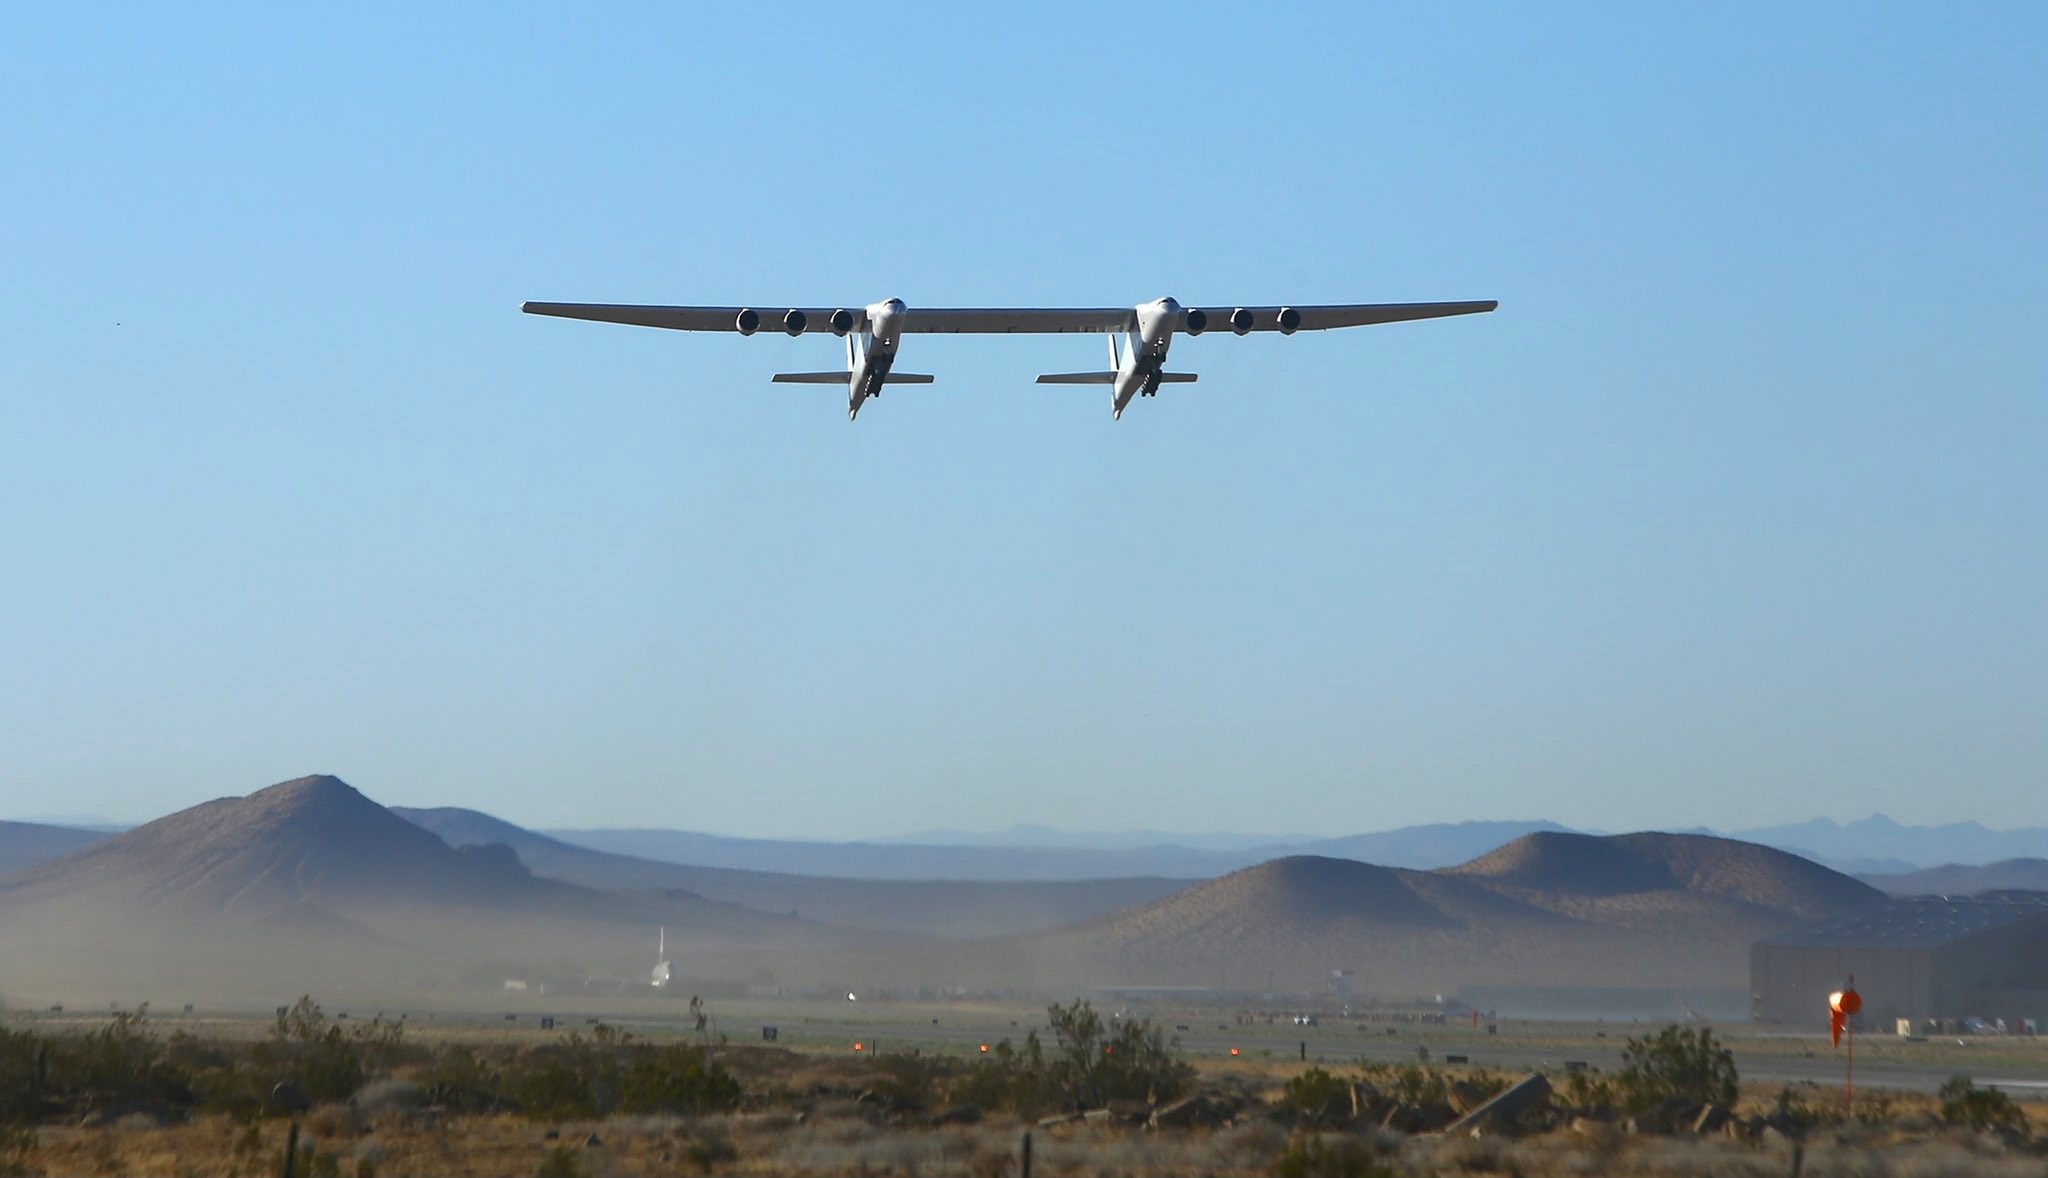 全球最大飞机首飞两年后再次进行飞行测试